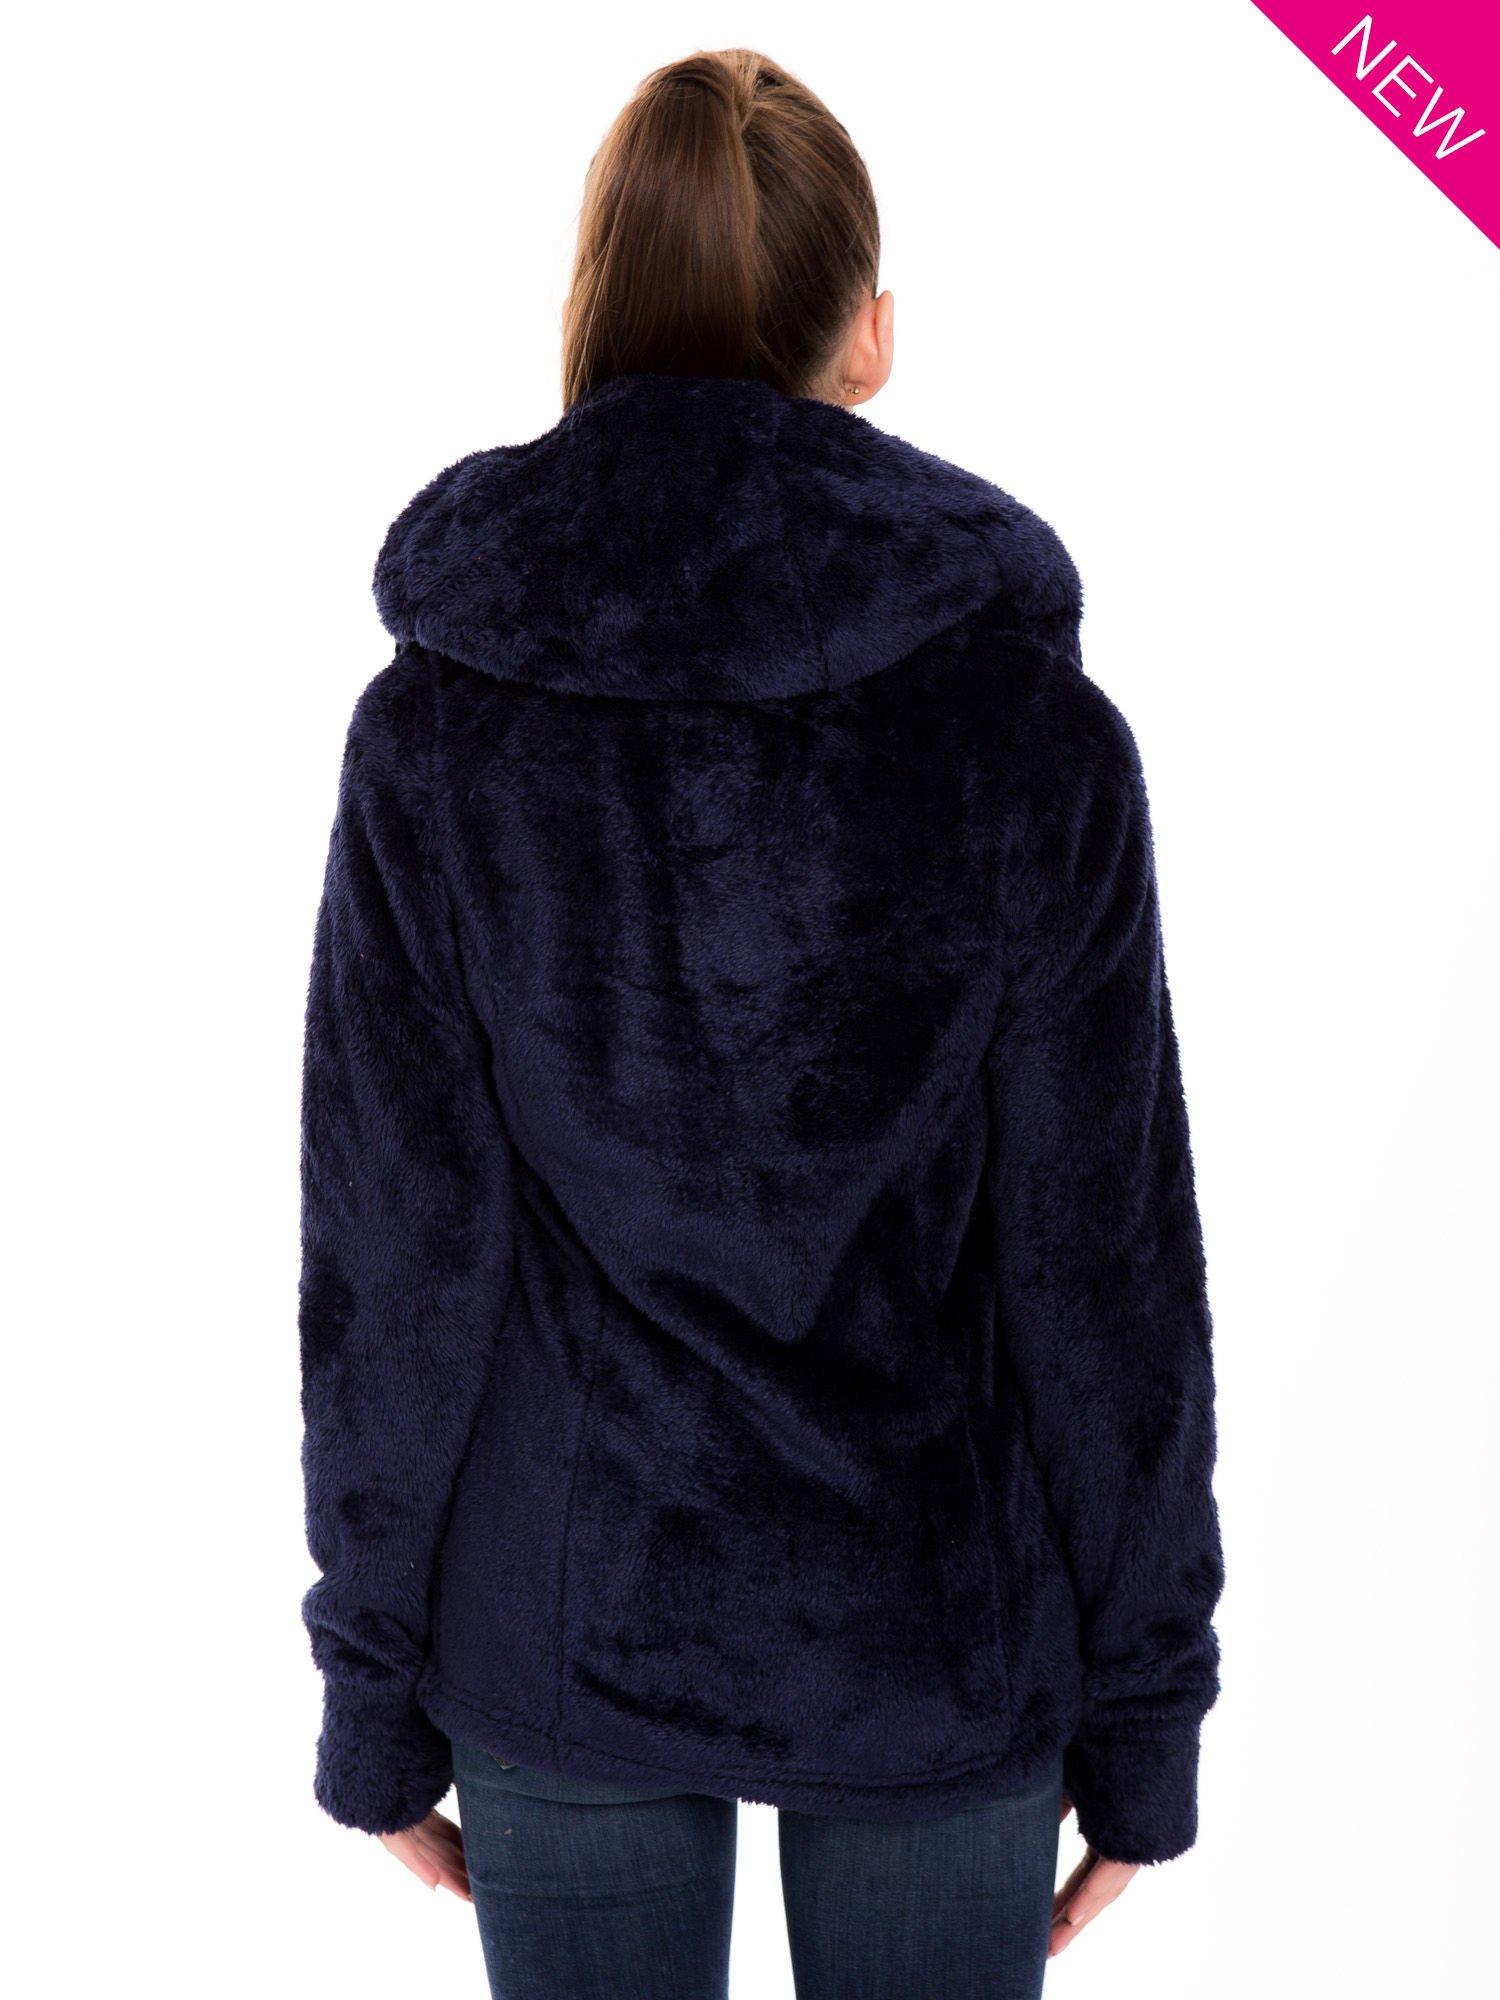 Granatowa bluza polarowa z kapturem z pomponikami                                  zdj.                                  2